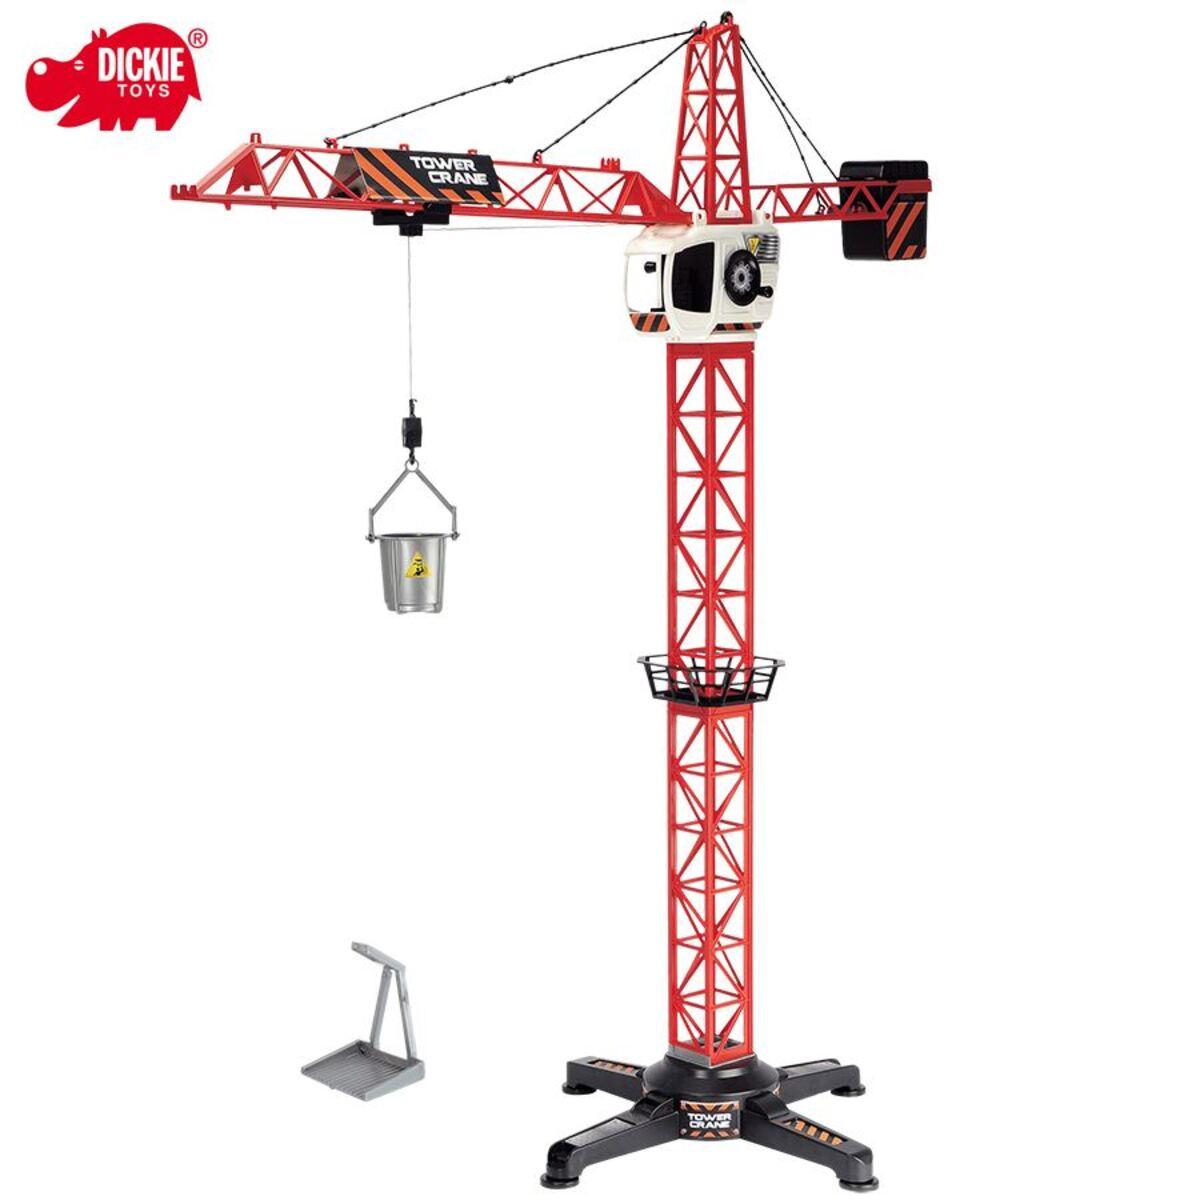 Bild 2 von Dickie Toys Spielzeugkran 100cm